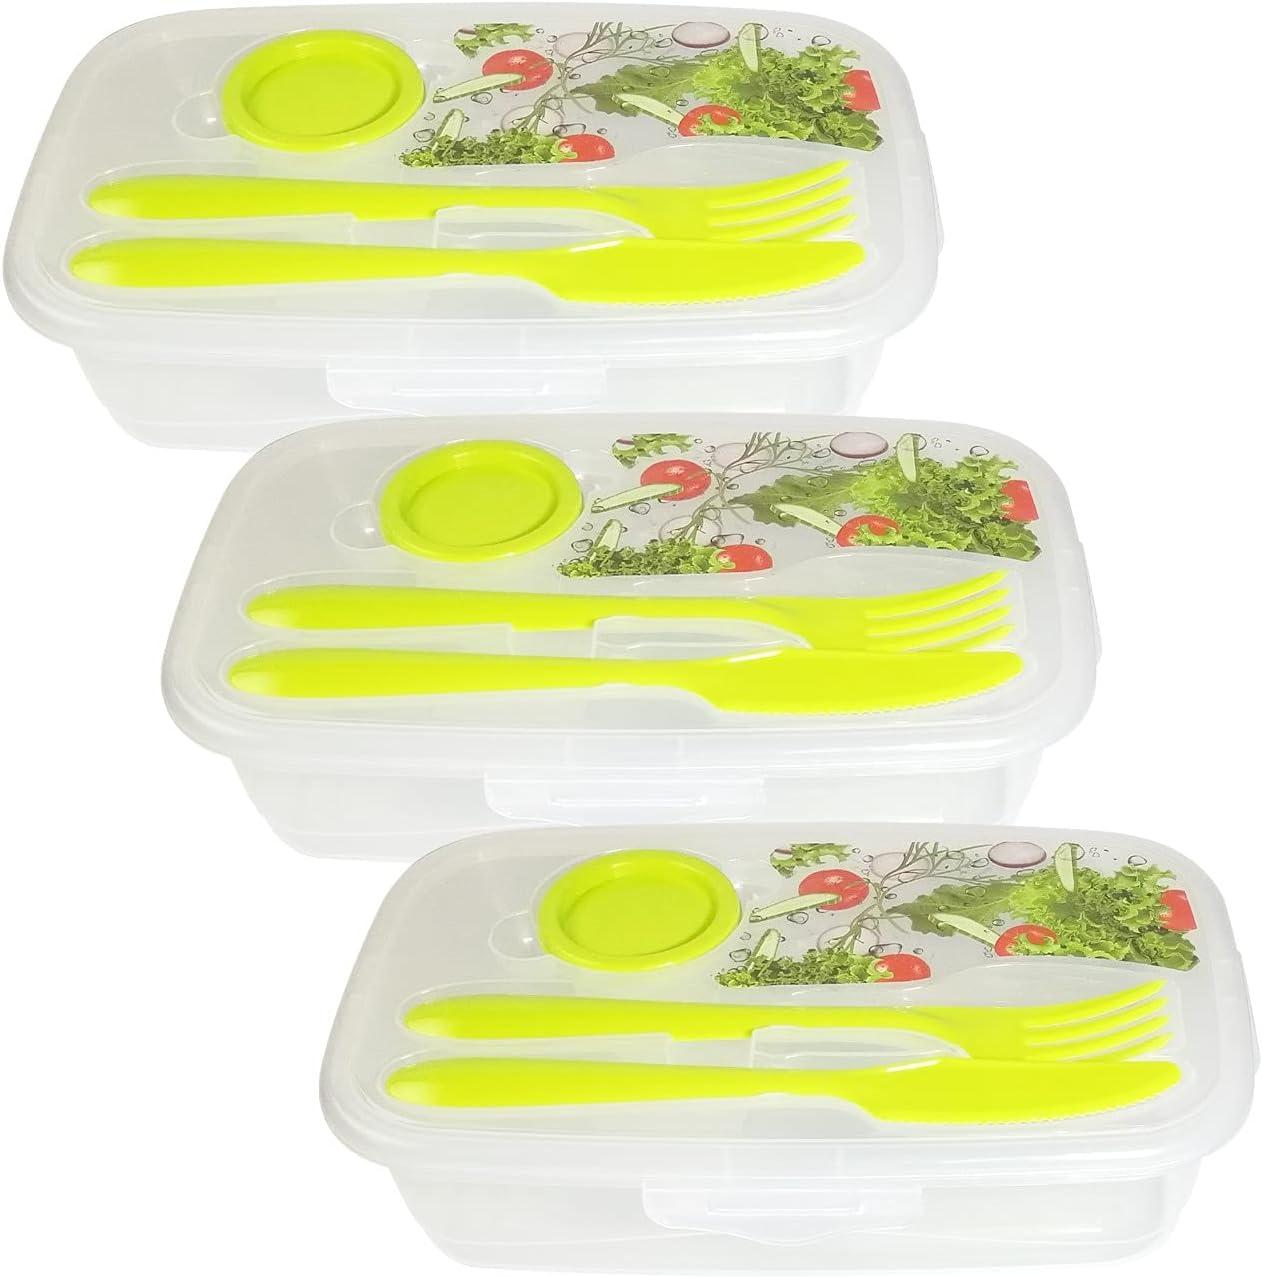 Fiambrera Infantil Fiambrera para Niños. Lunch Box -(3 uds) Caja Para Cubiertos - Tupper Infantil - Tupper Cubiertos - Taper con cubiertos Caja de Almuerzo (Color ensalada)